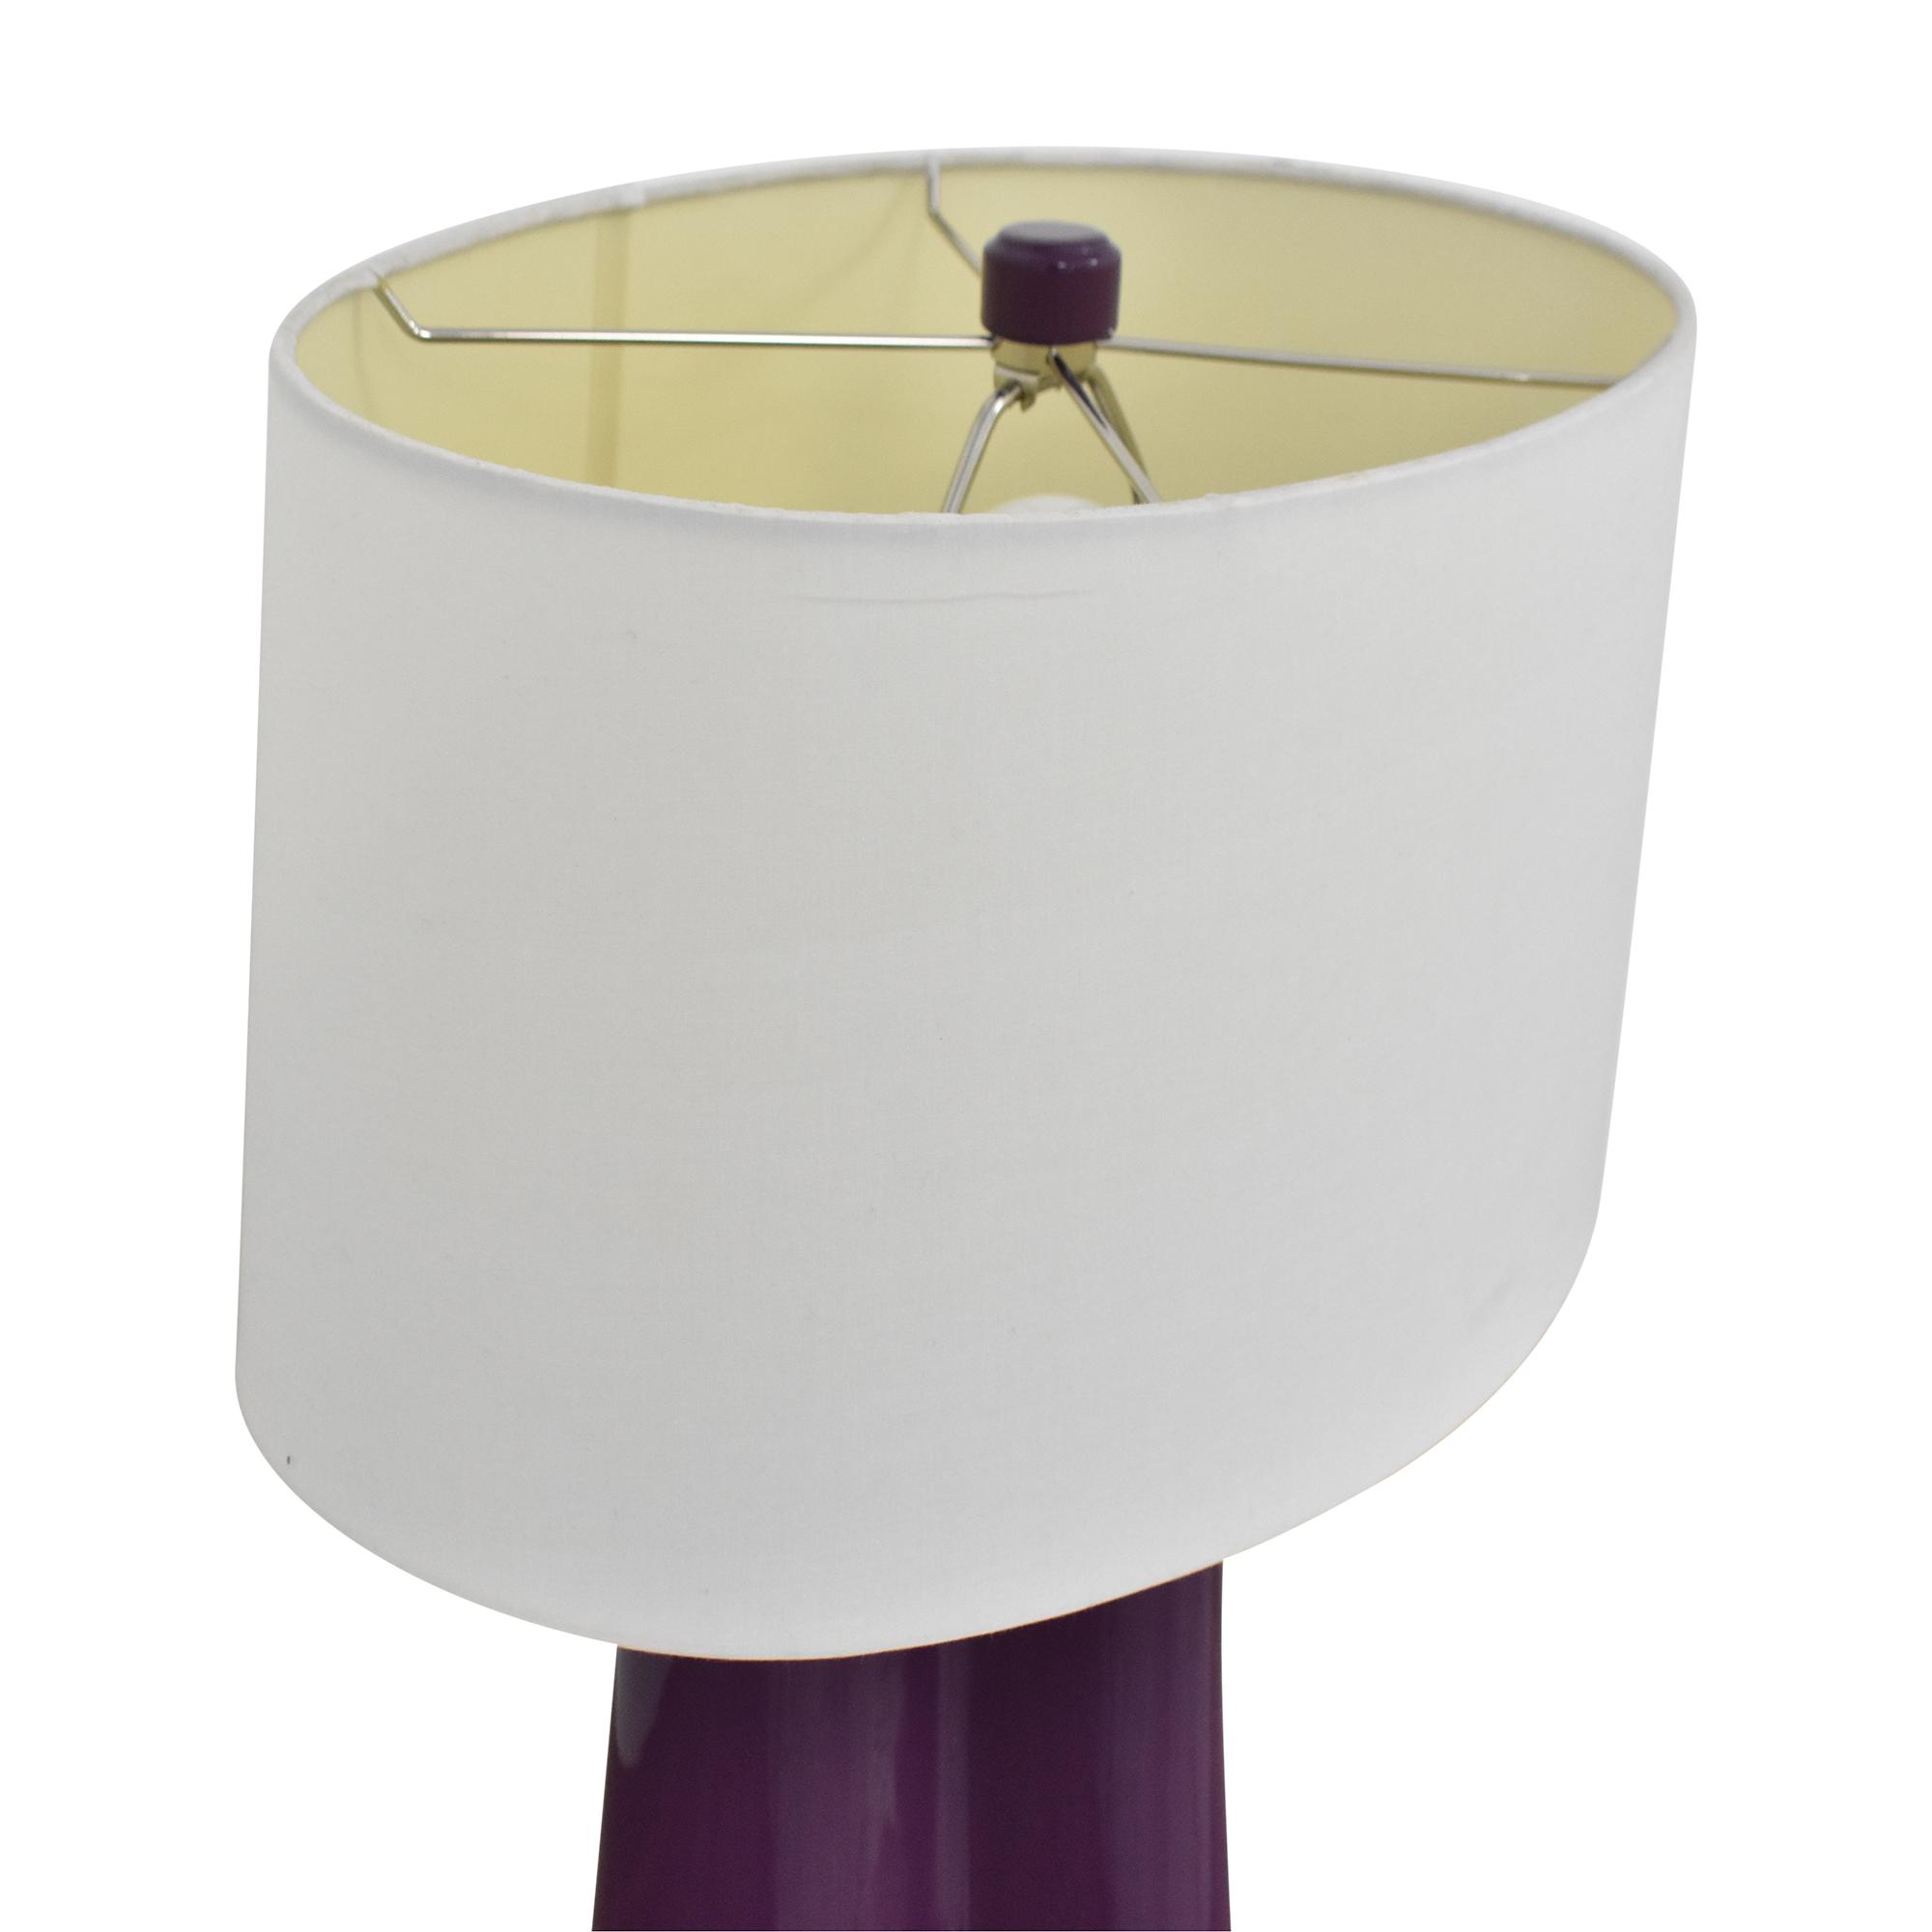 Jonathan Adler Jonathan Adler Table Lamp nj